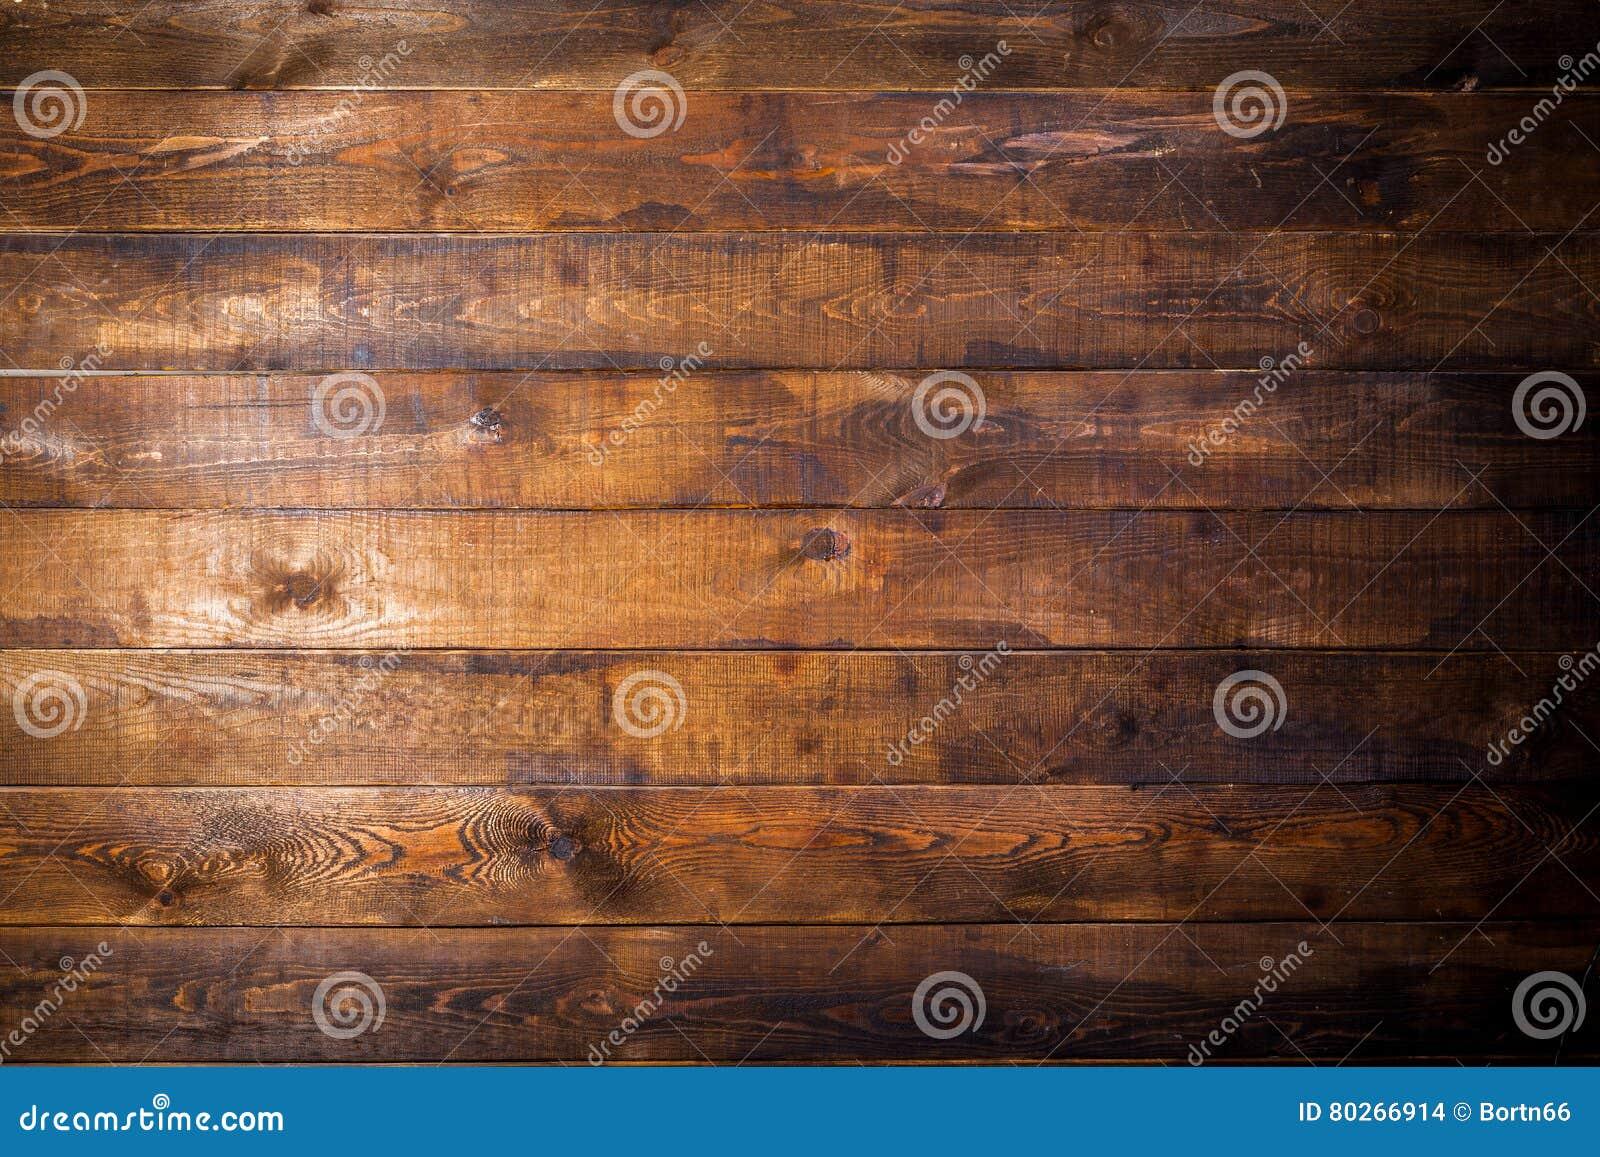 Vieux mur en bois brun